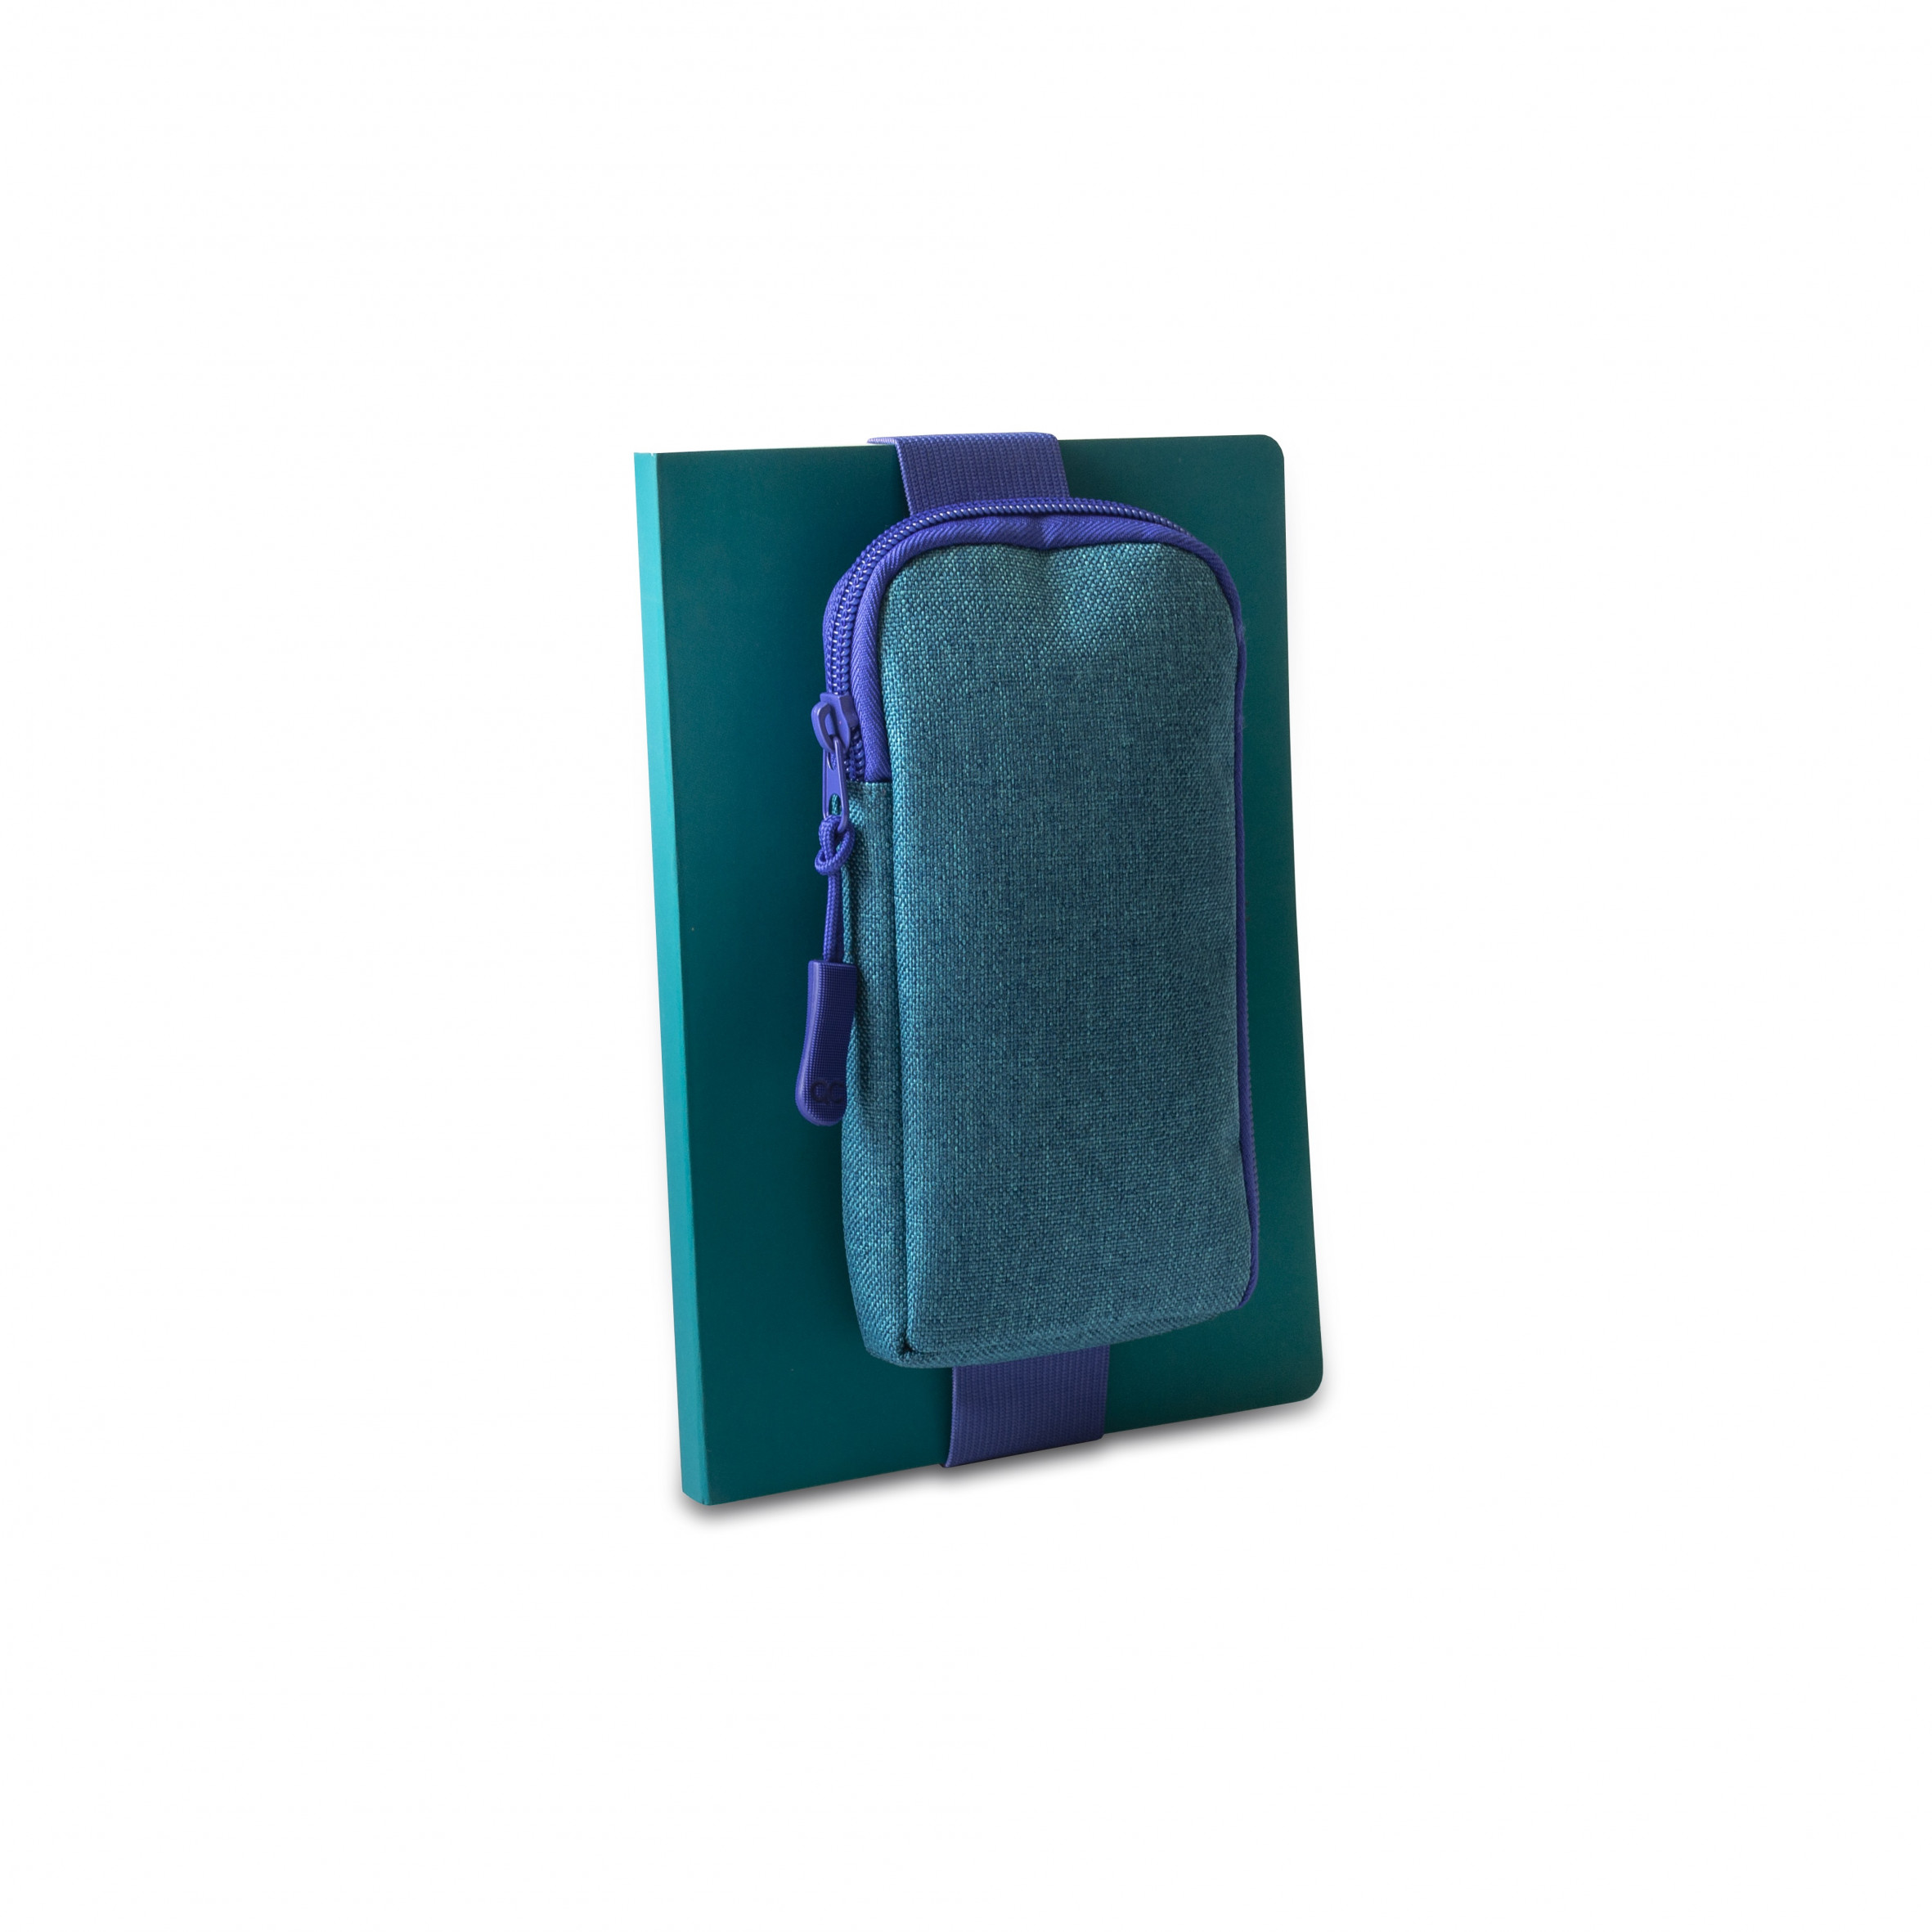 Notebooktasche mit Gummizug | Blau